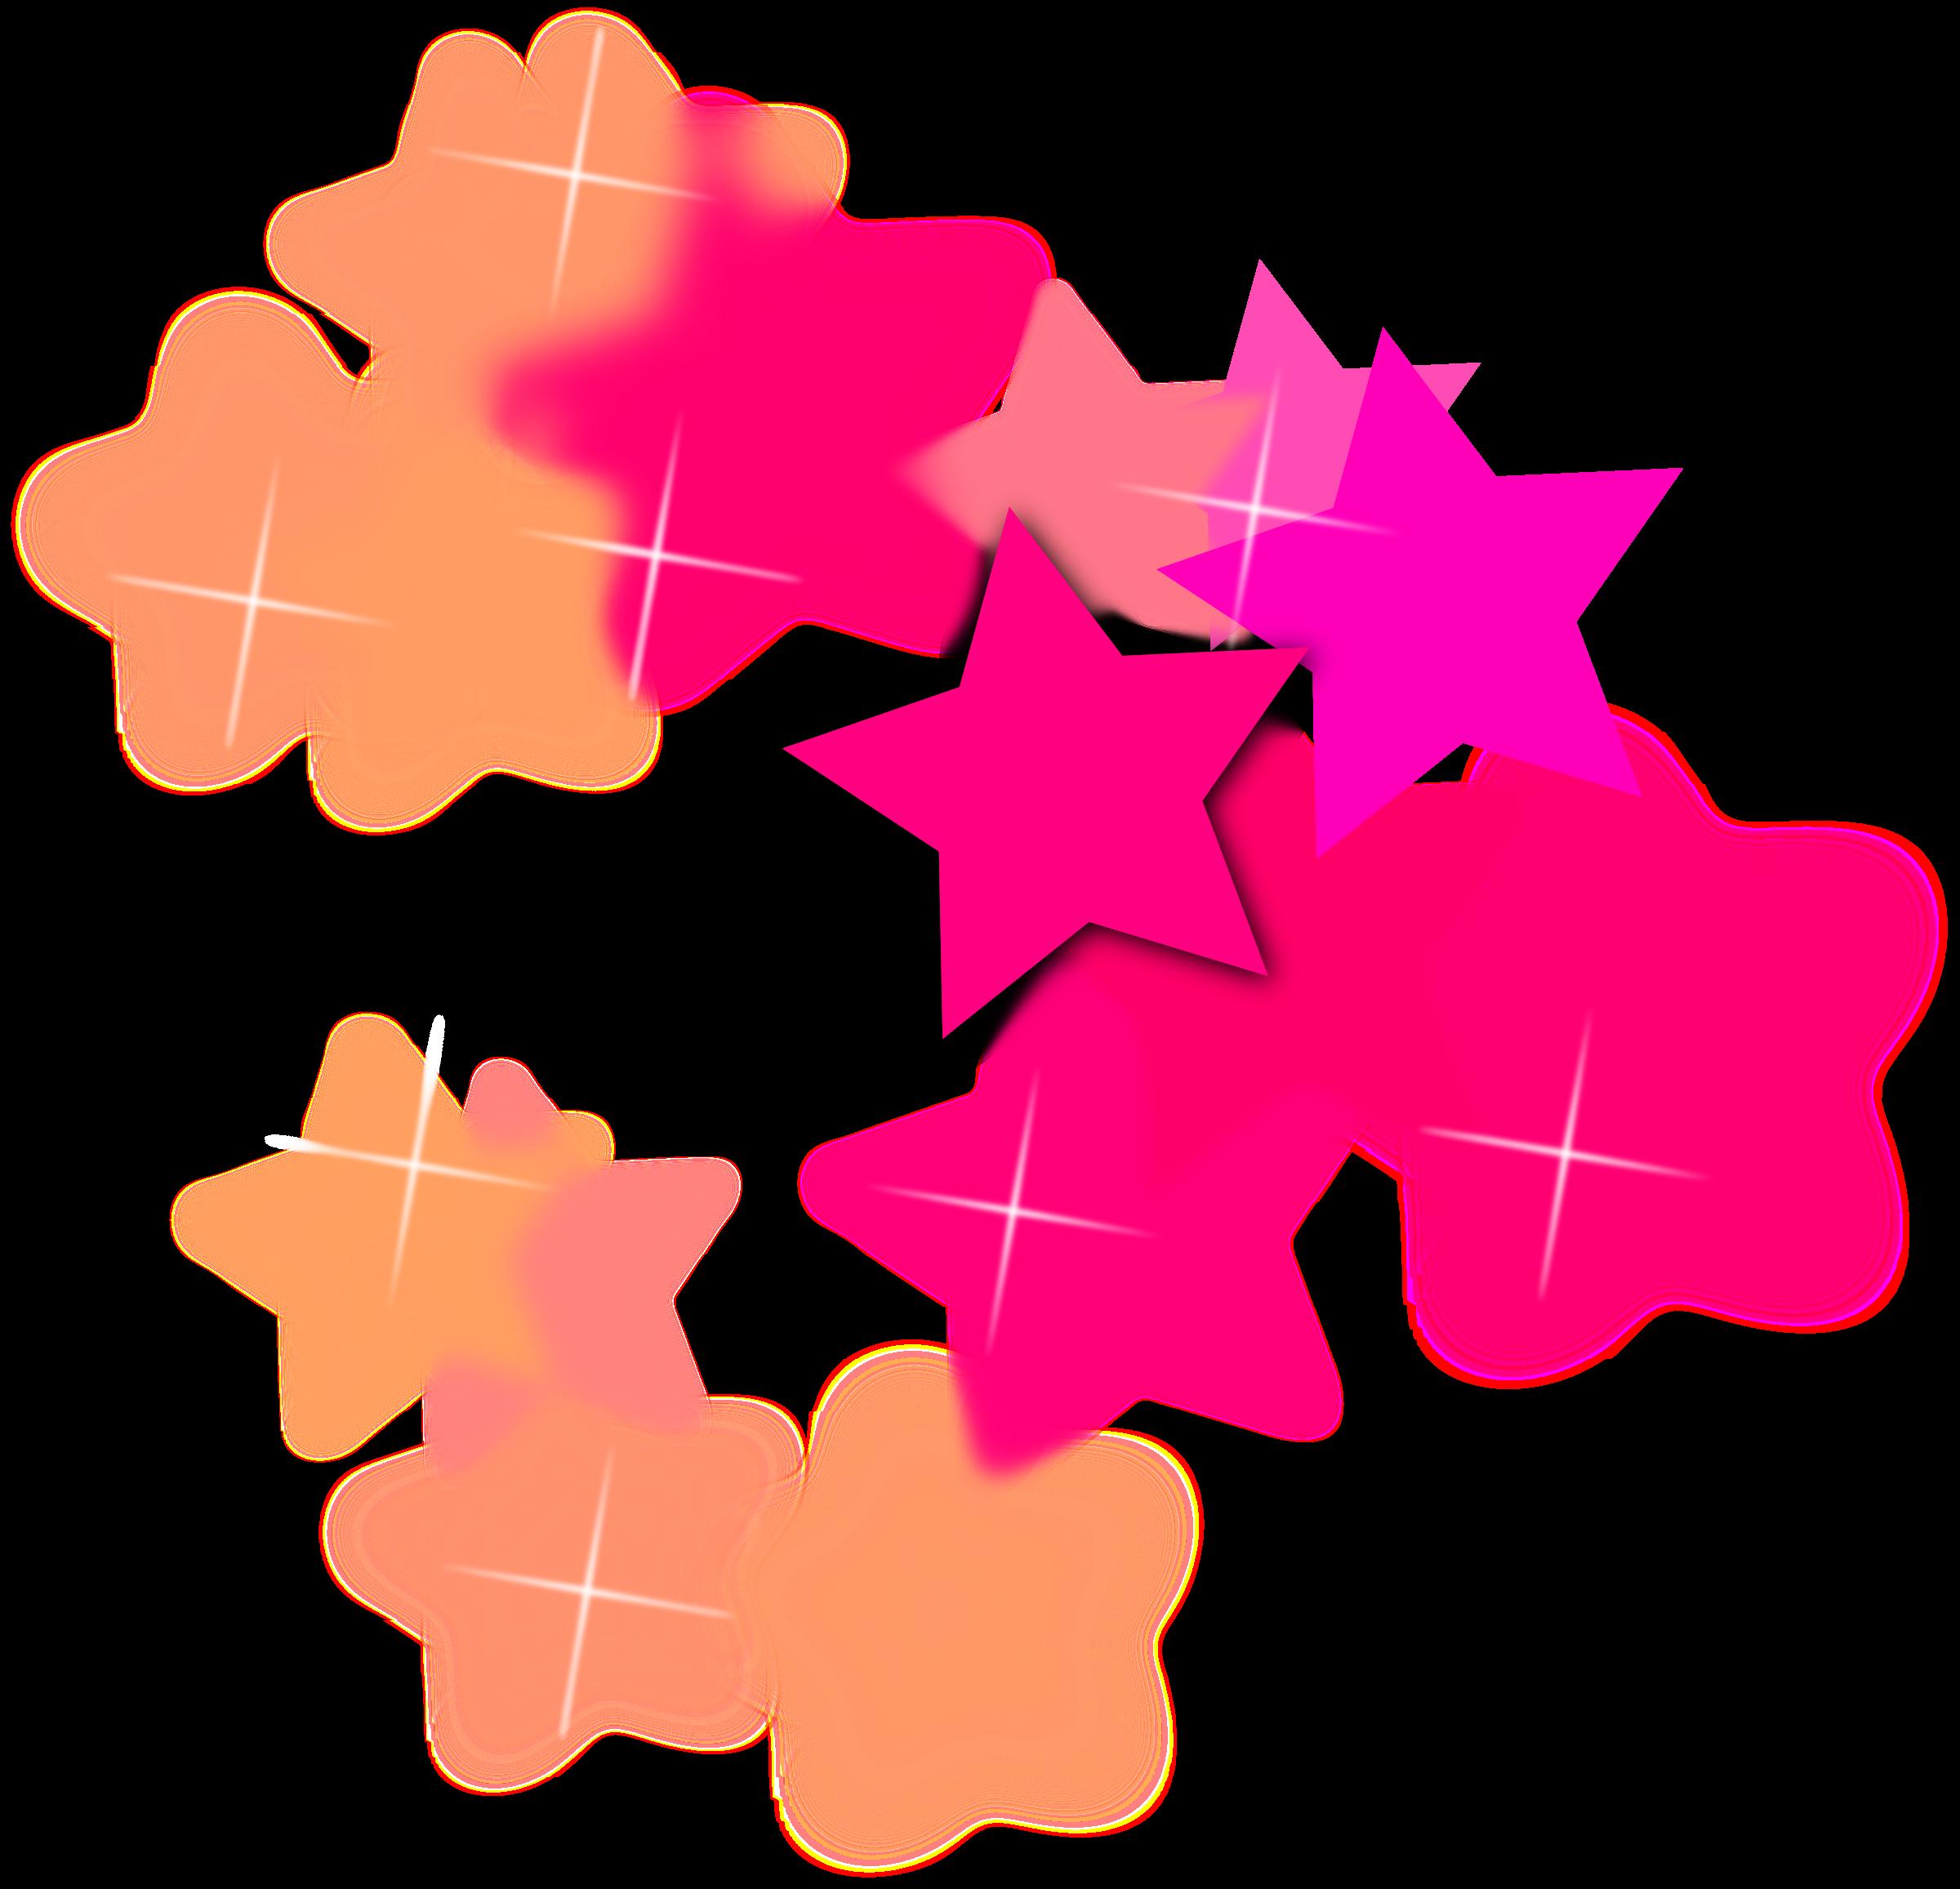 Star flourish by evilestmark. Flourishes clipart vector clipart